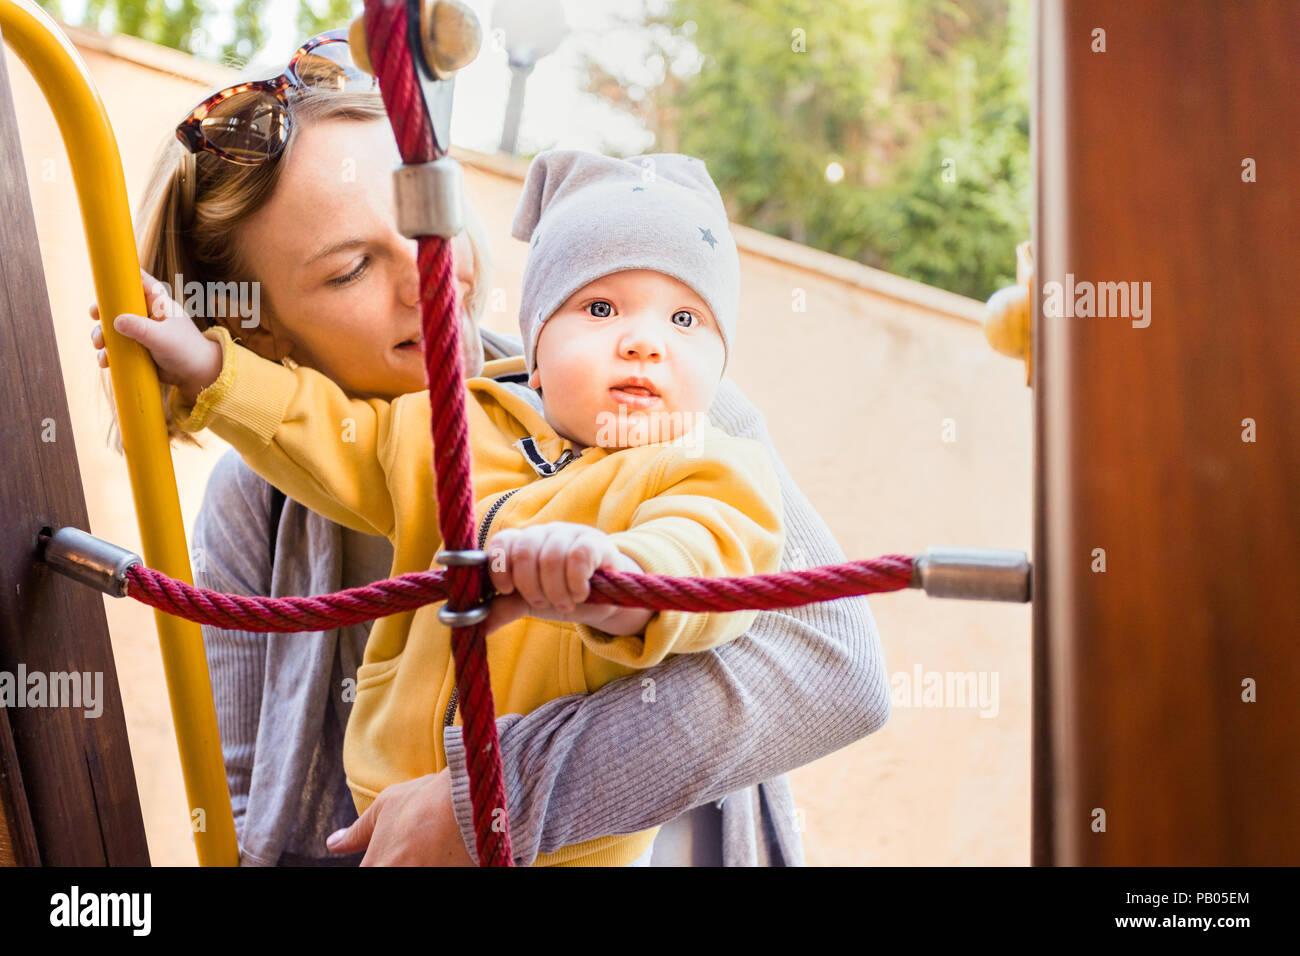 Mutter und Sohn klettern das Netz der Kabel auf dem Spielplatz Stockbild